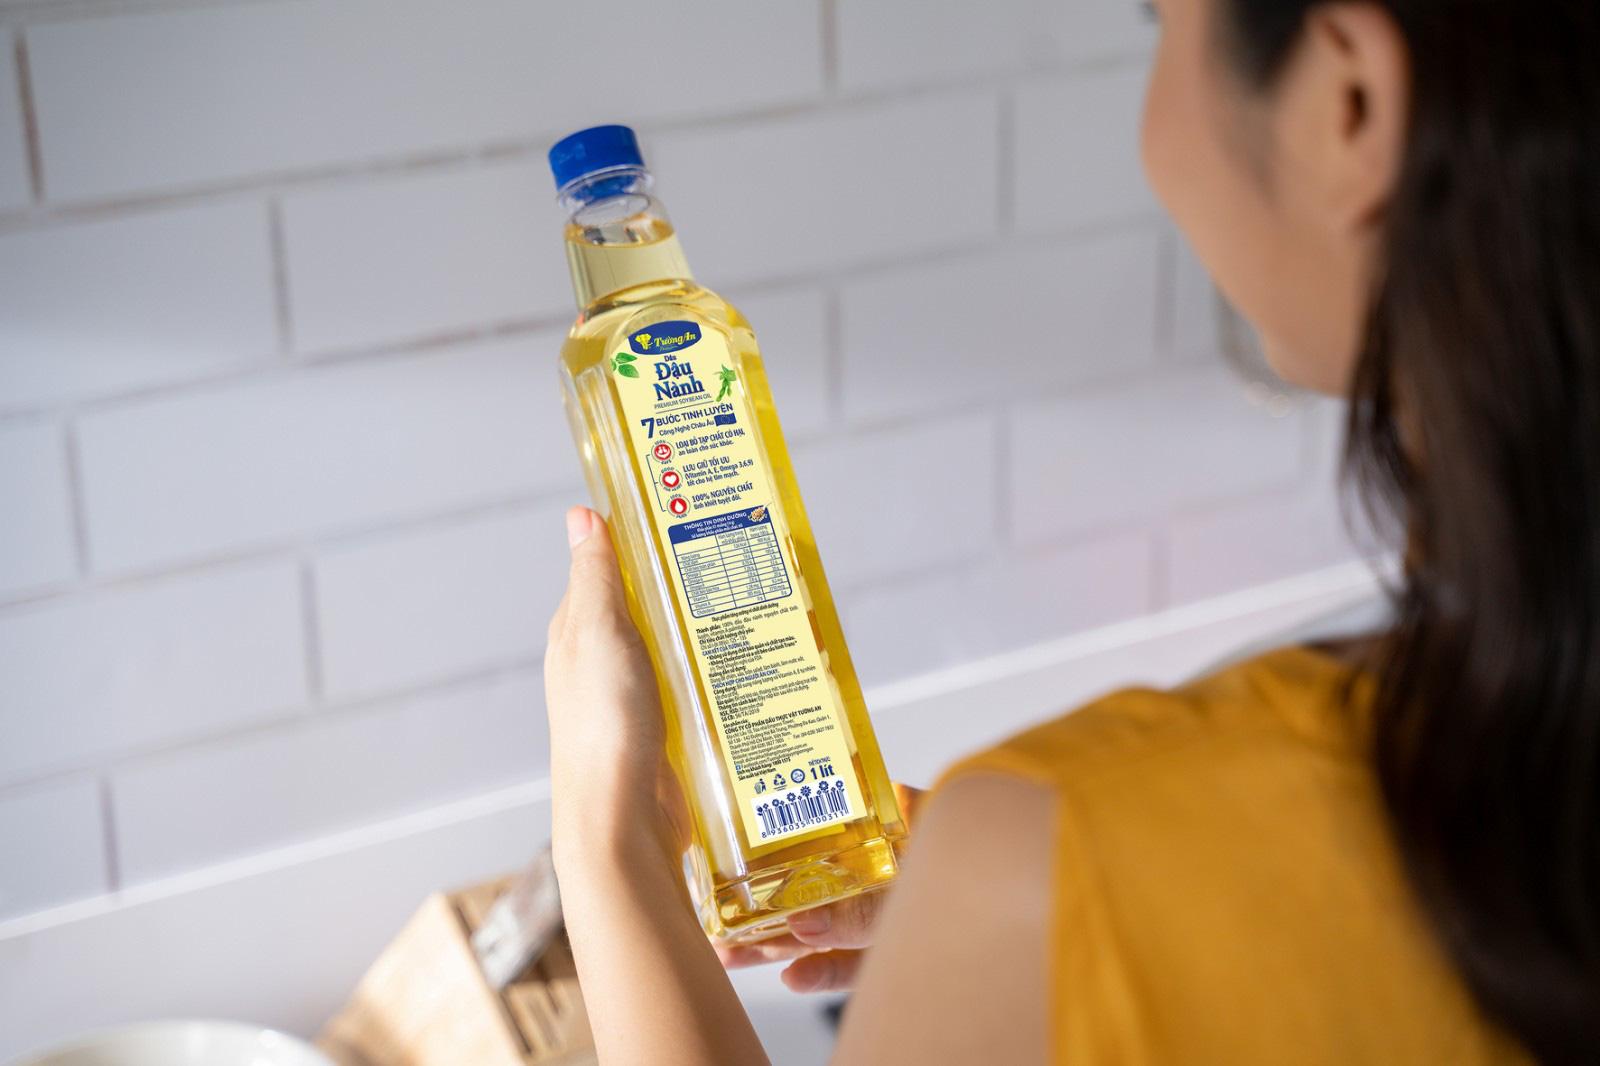 Lựa chọn dầu ăn cho gia đình - tưởng dễ mà khó vì chưa biết đâu là chuẩn mực - Ảnh 2.